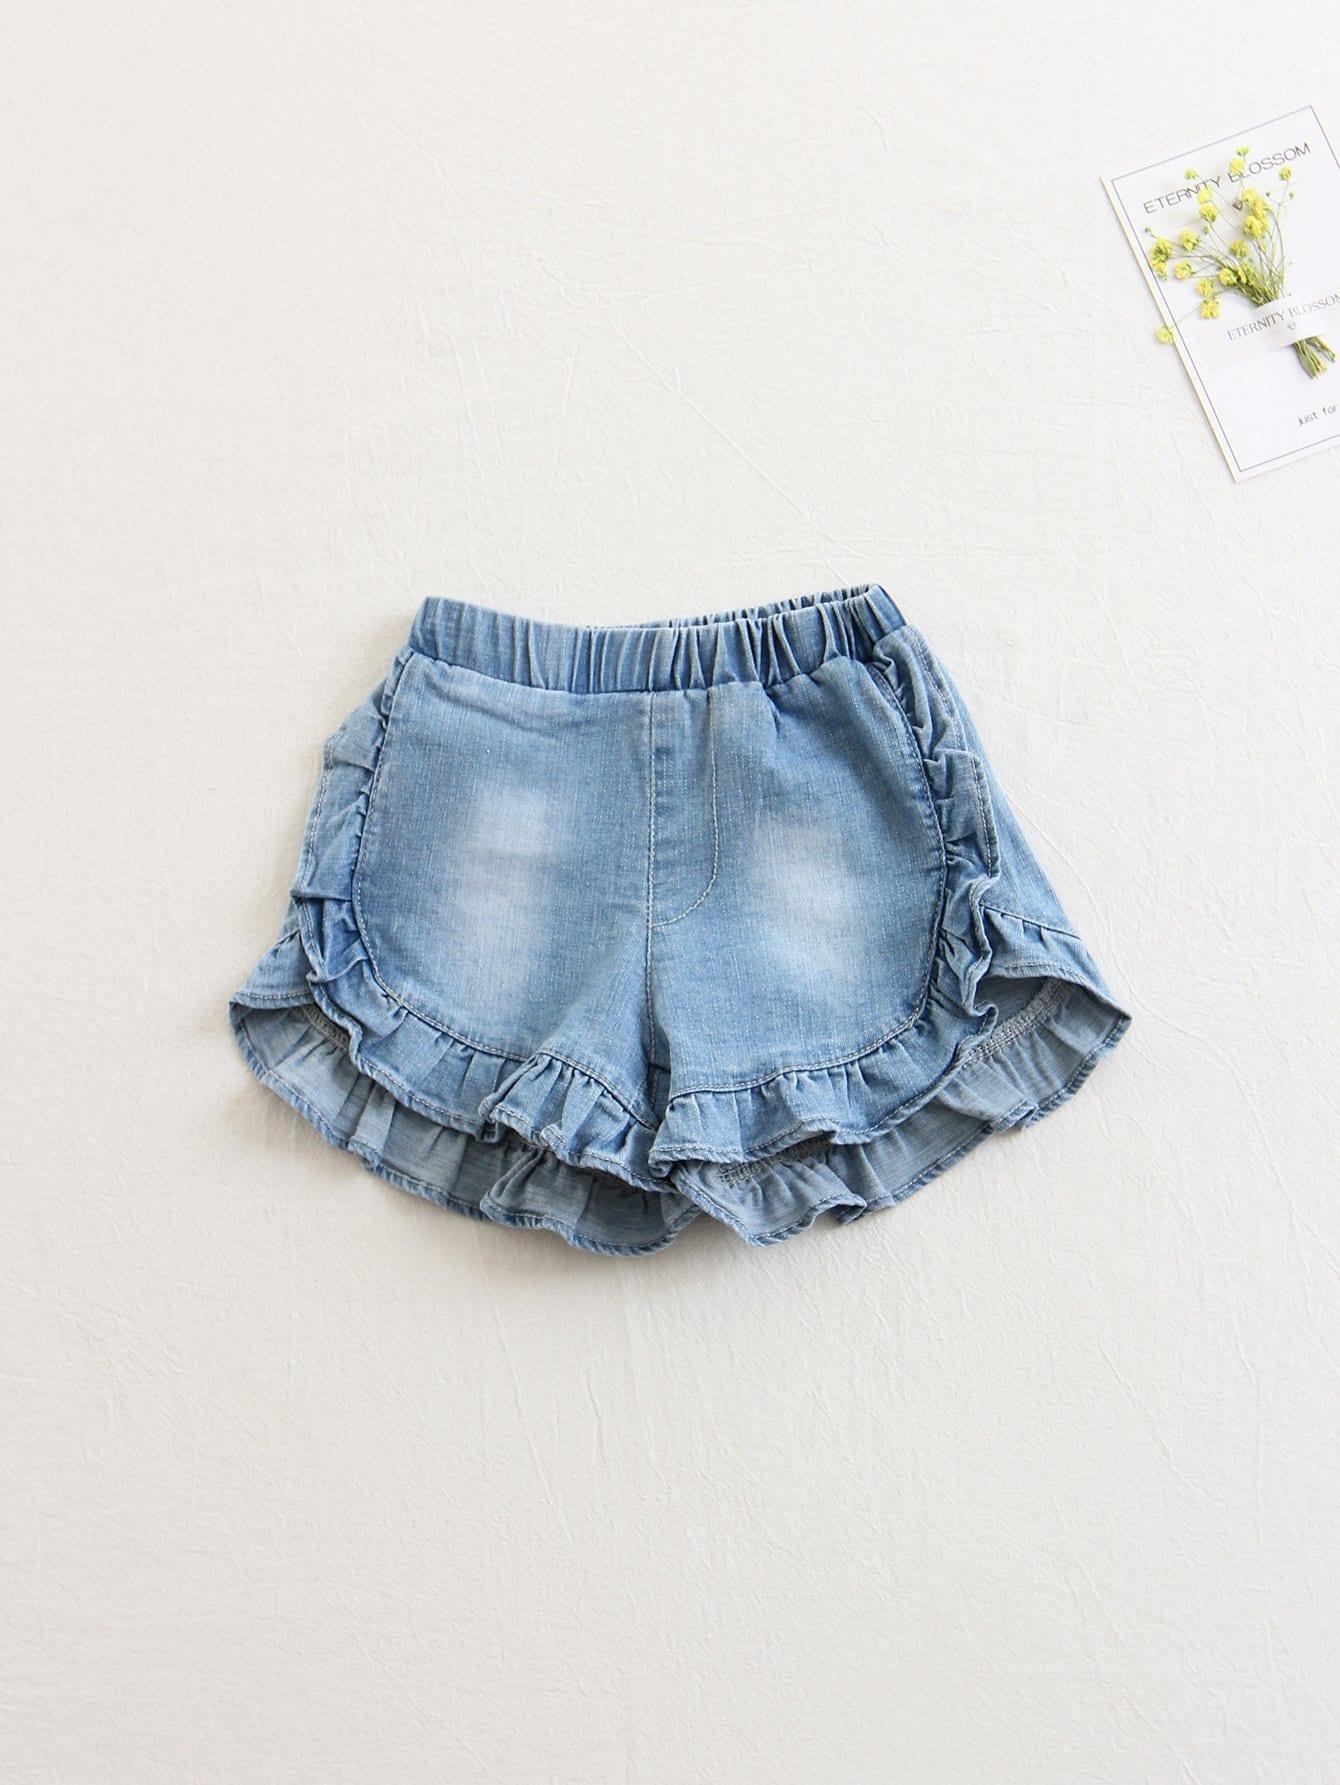 Как отбелить джинсовые шорты в домашних условиях - О чистоте 13